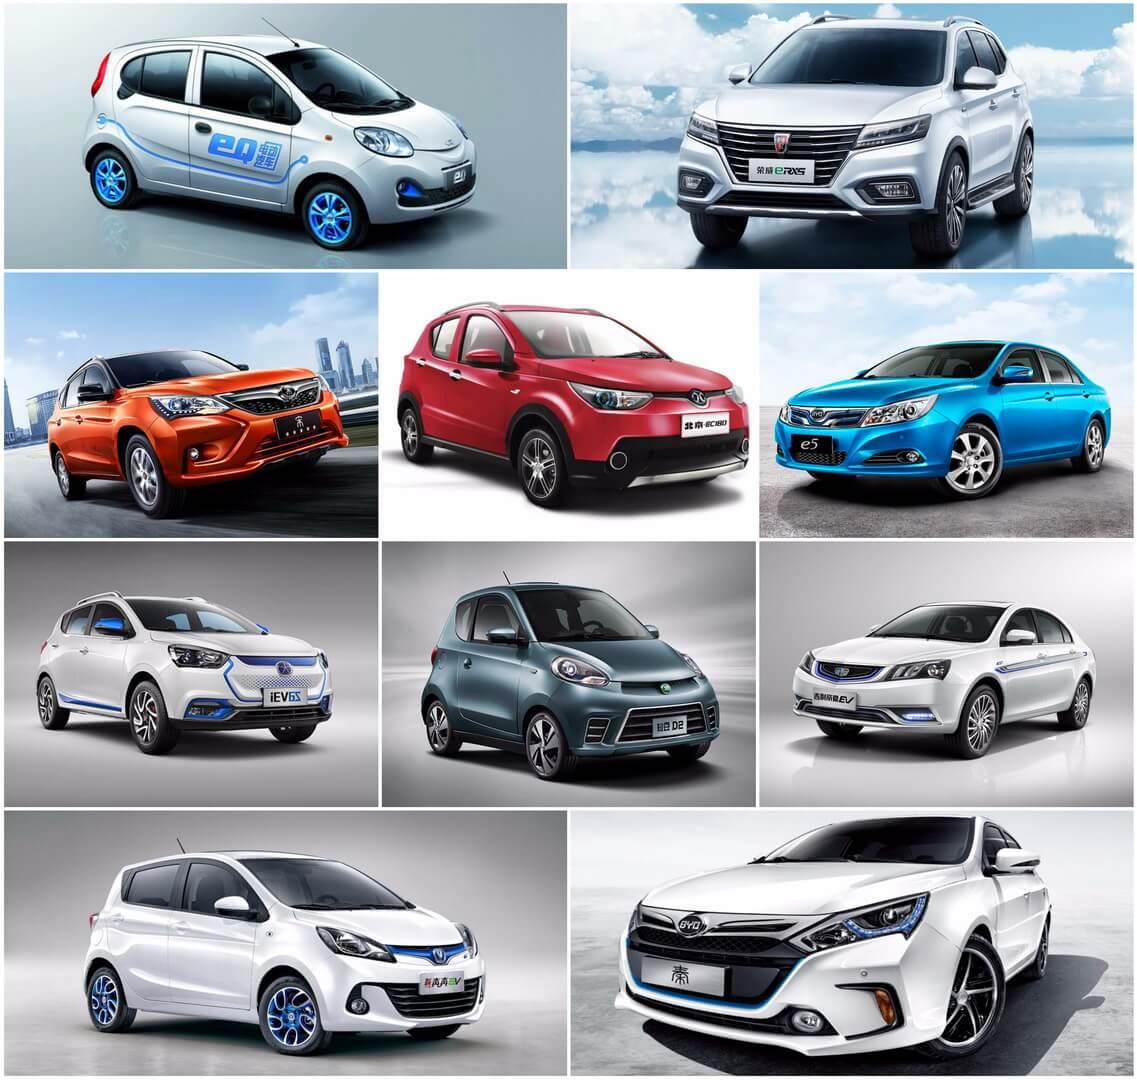 ТОП лучших китайских электромобилей и гибридов за 2017 год